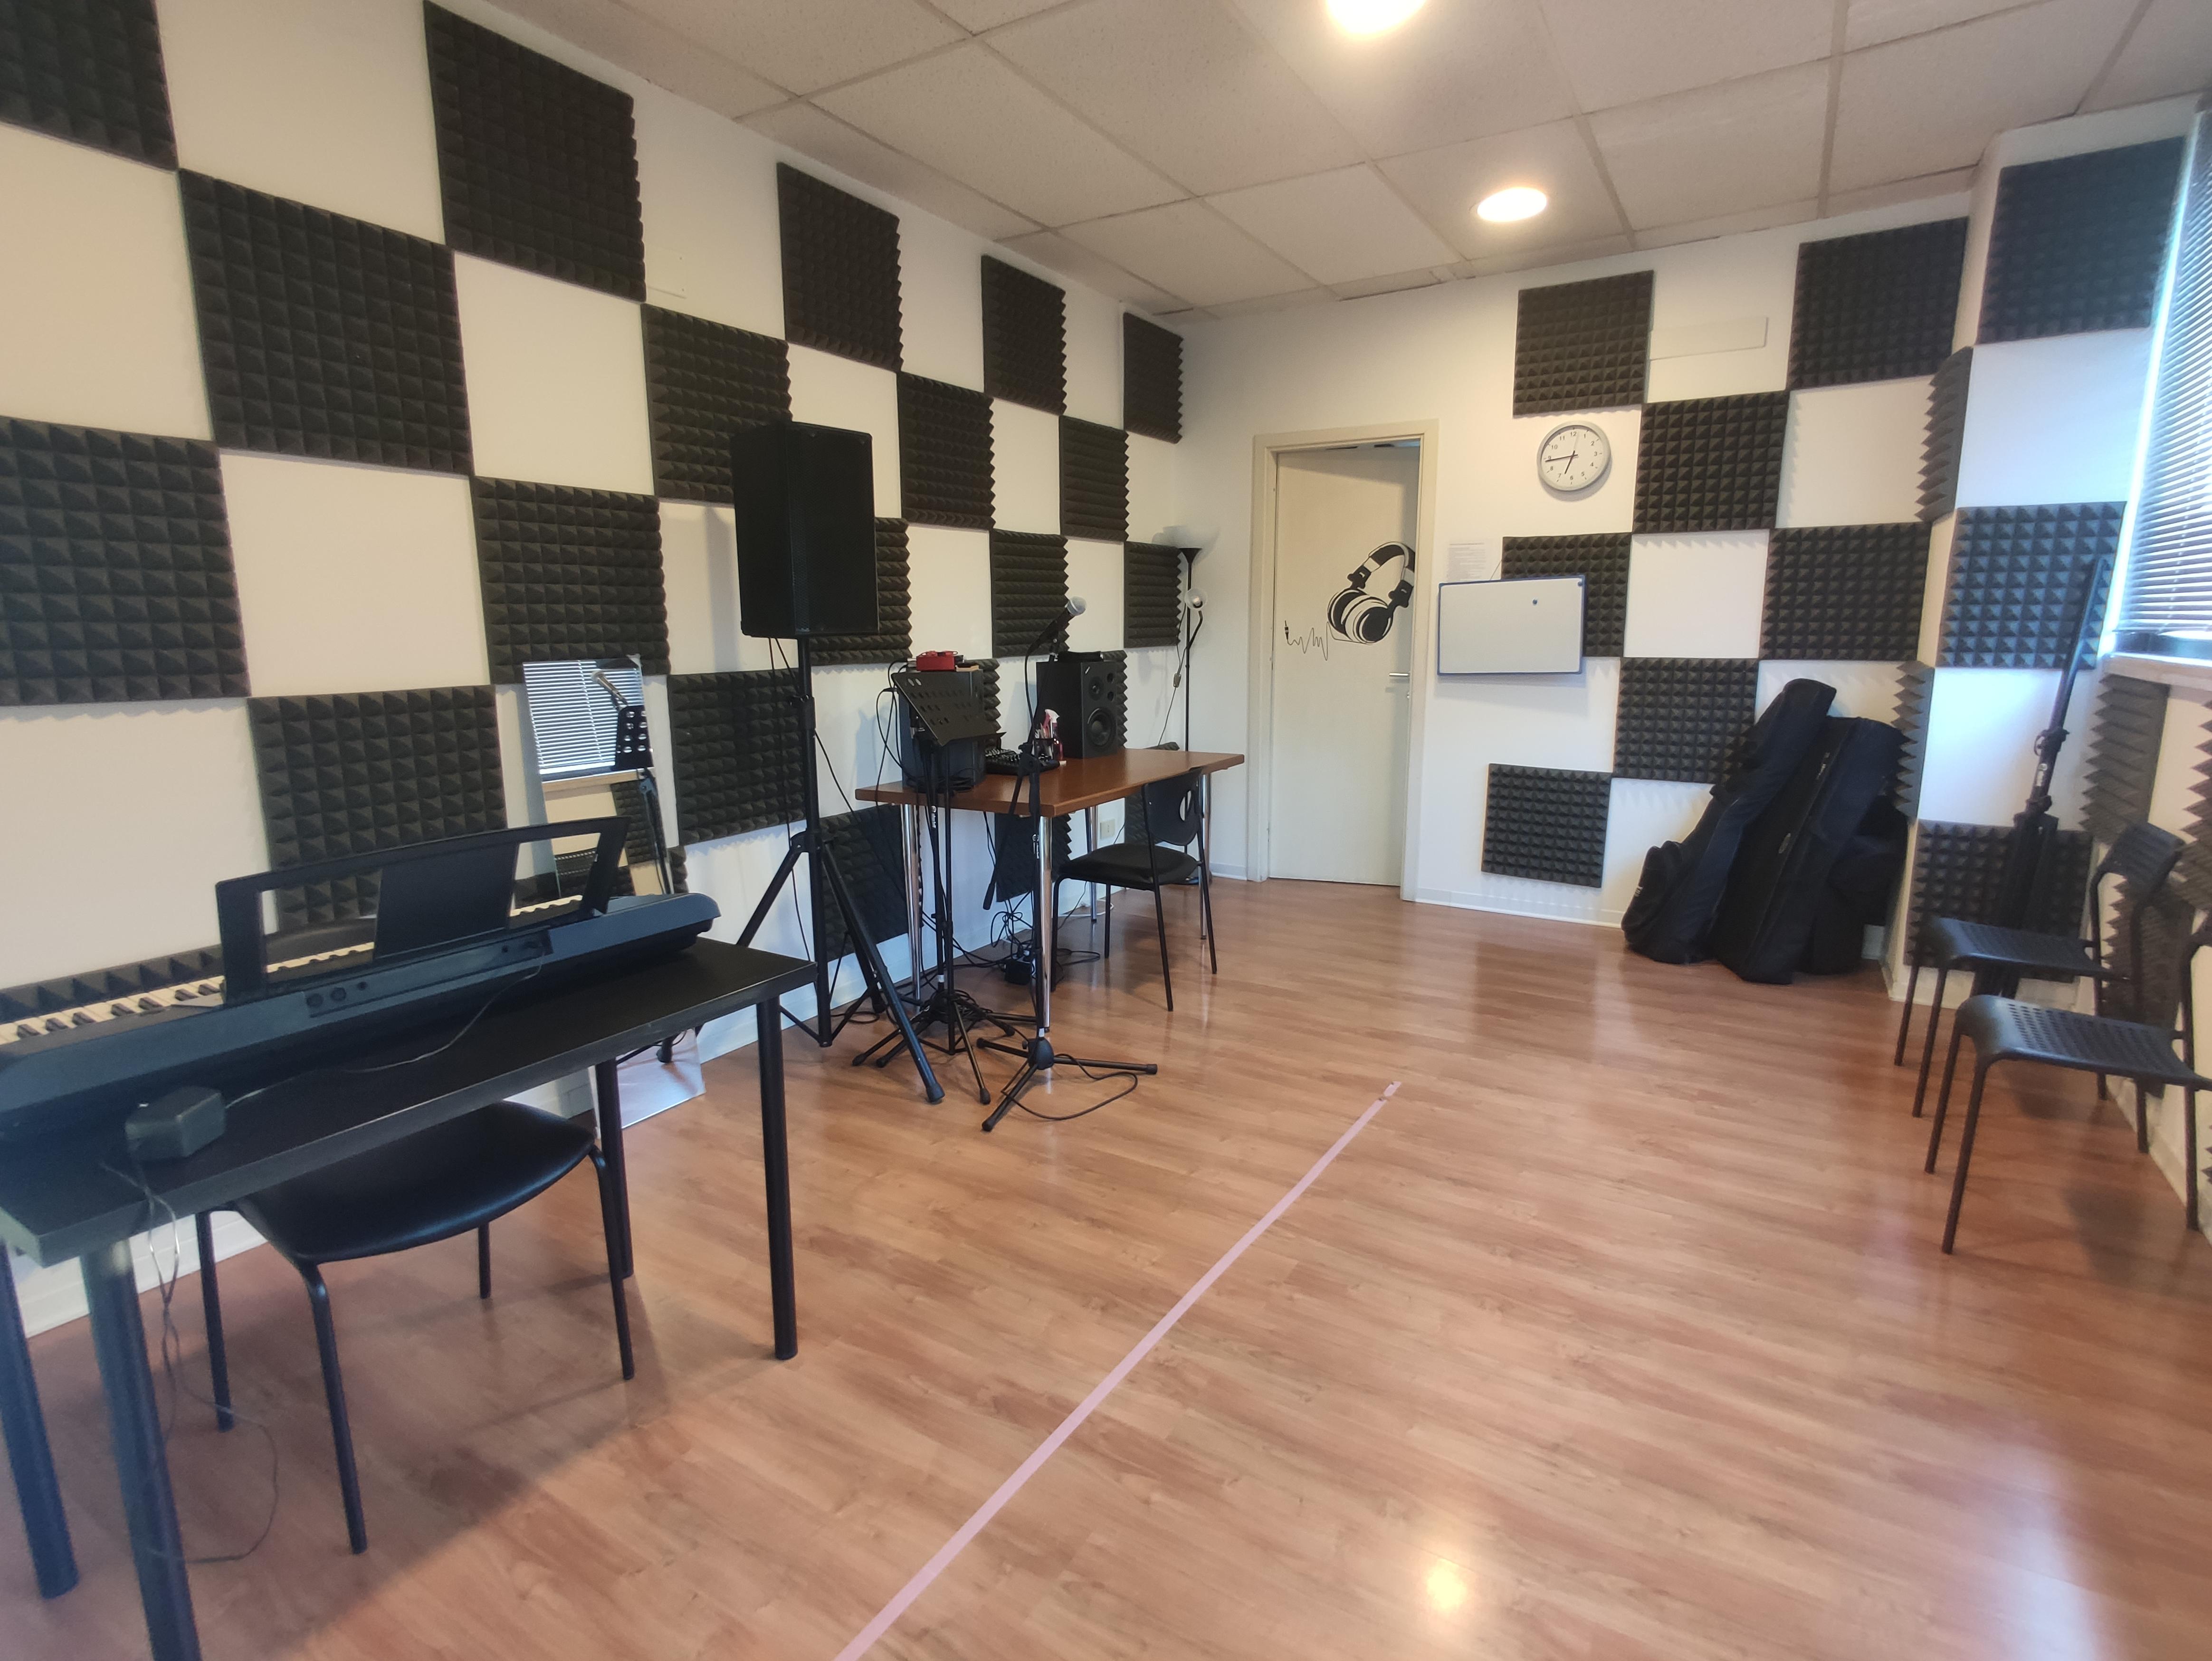 STUDIO 1 - MUSICA